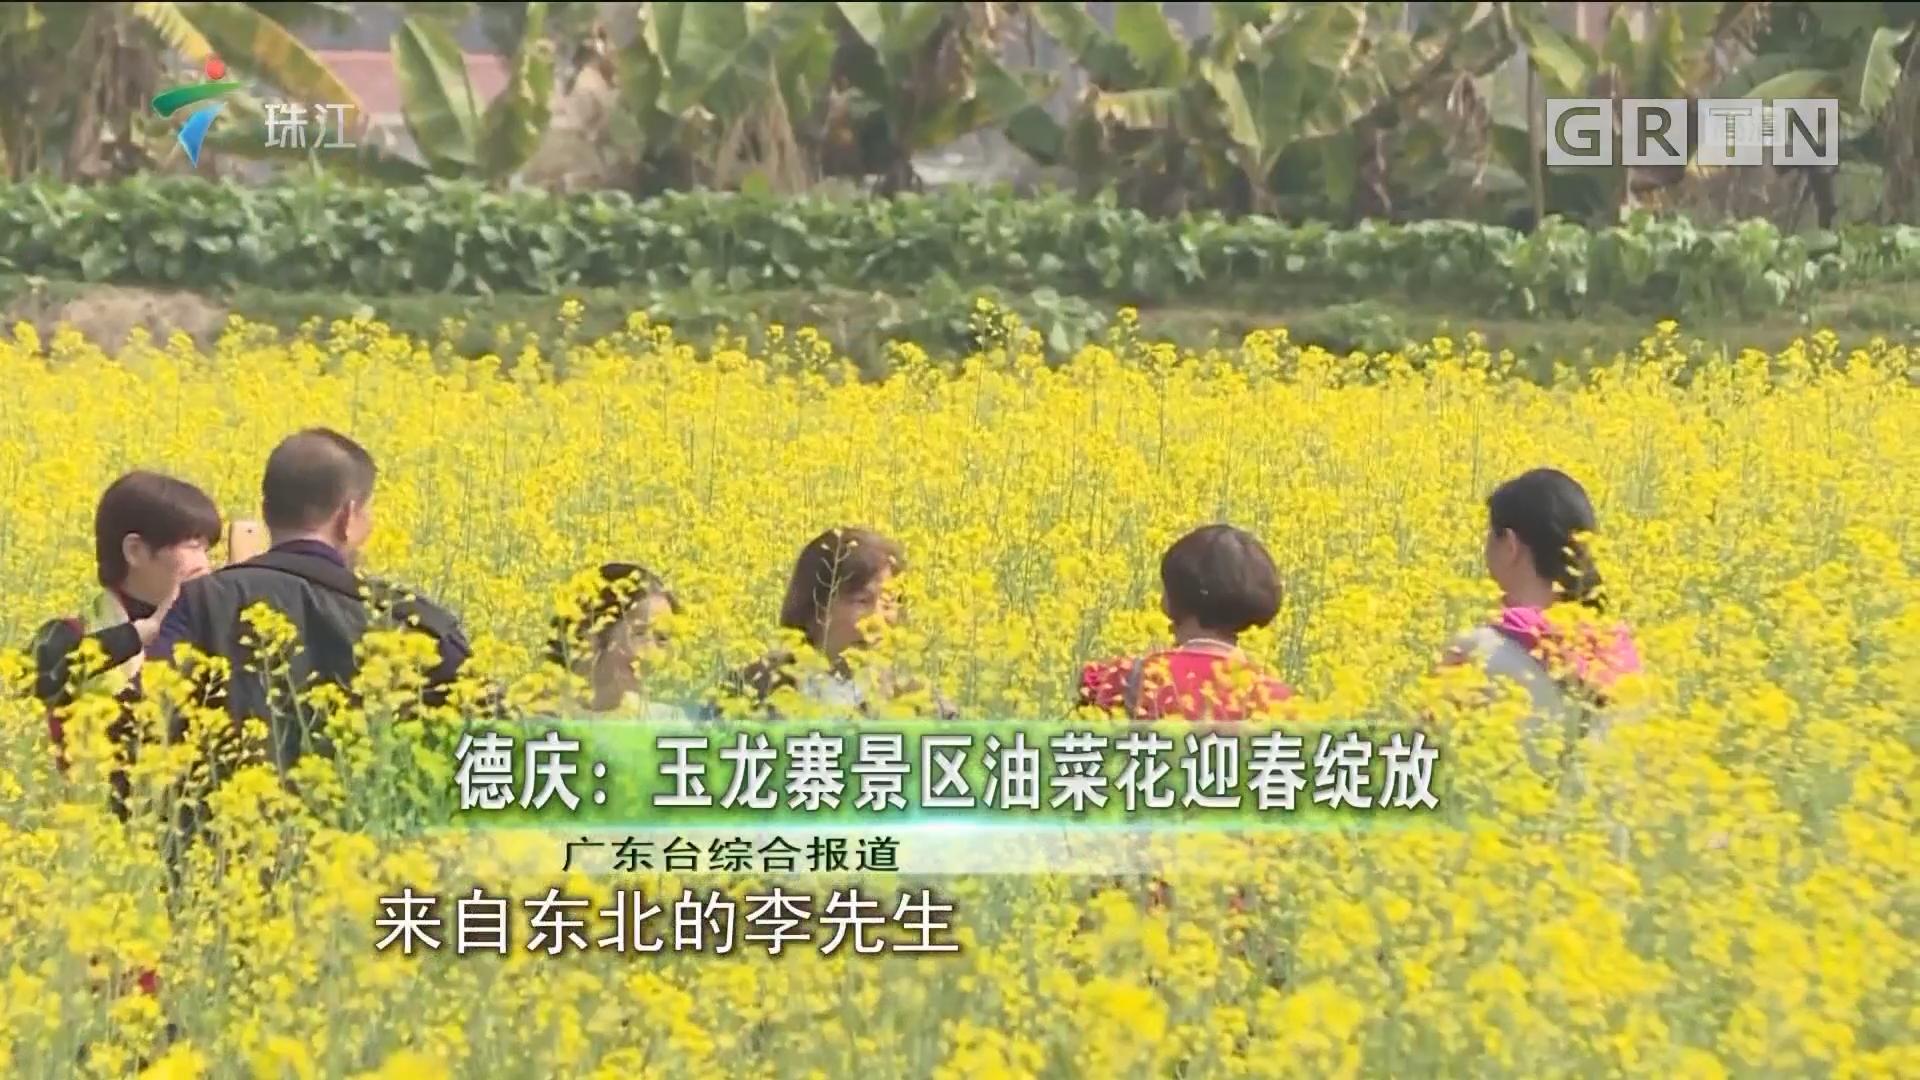 德庆:玉龙寨景区油菜花迎春绽放